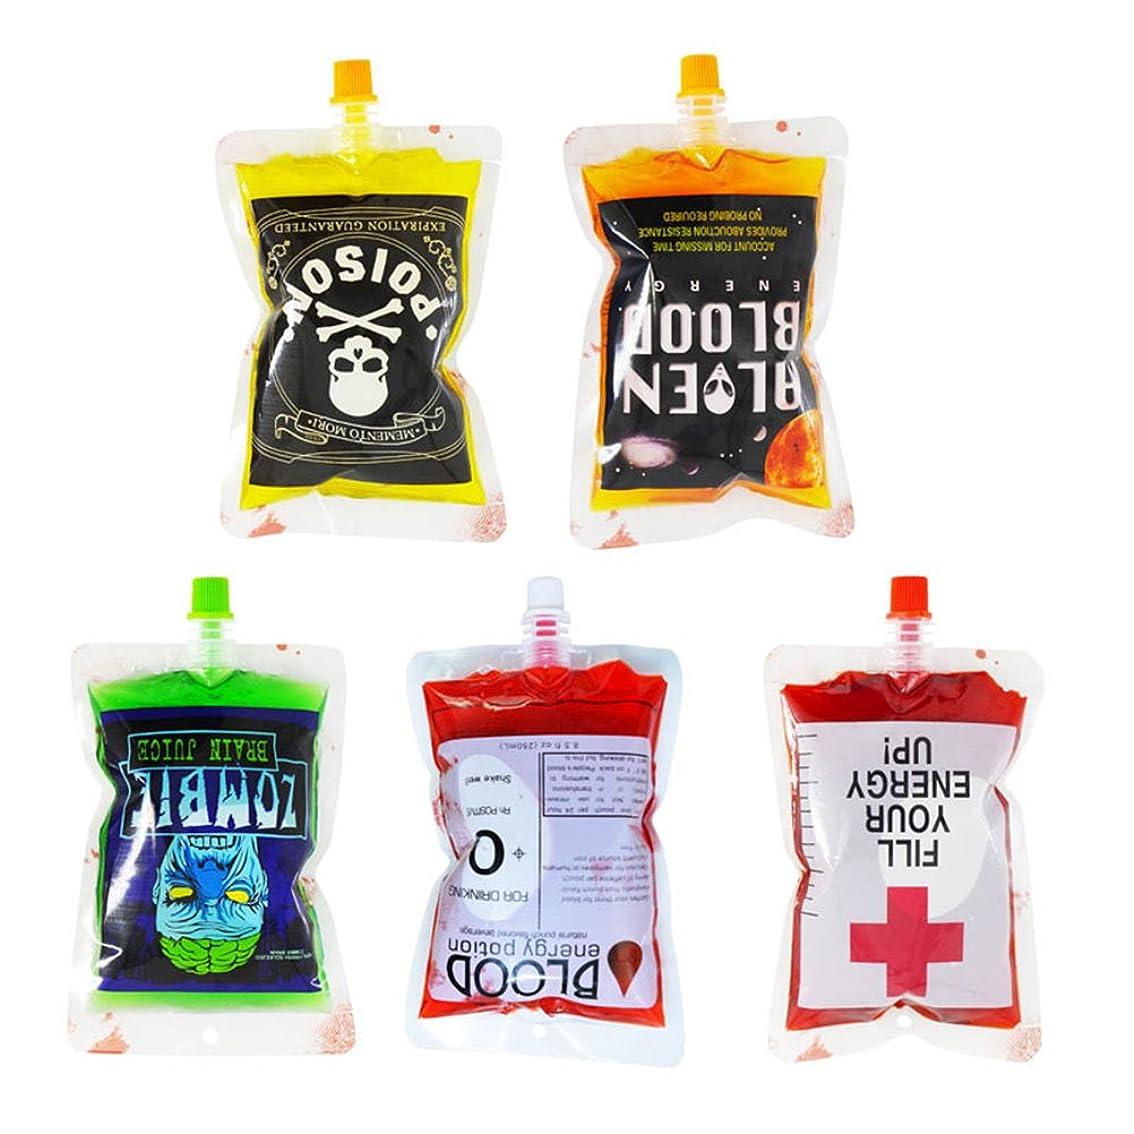 日食コットンビリーキッズ 血液バッグ ストロー ジュース飲料袋 ノベルティ チャック袋 飲料用ジュースバッグ 250ml 再利用可能 使い捨て 保存バッグ パーティー小道具 10個入り